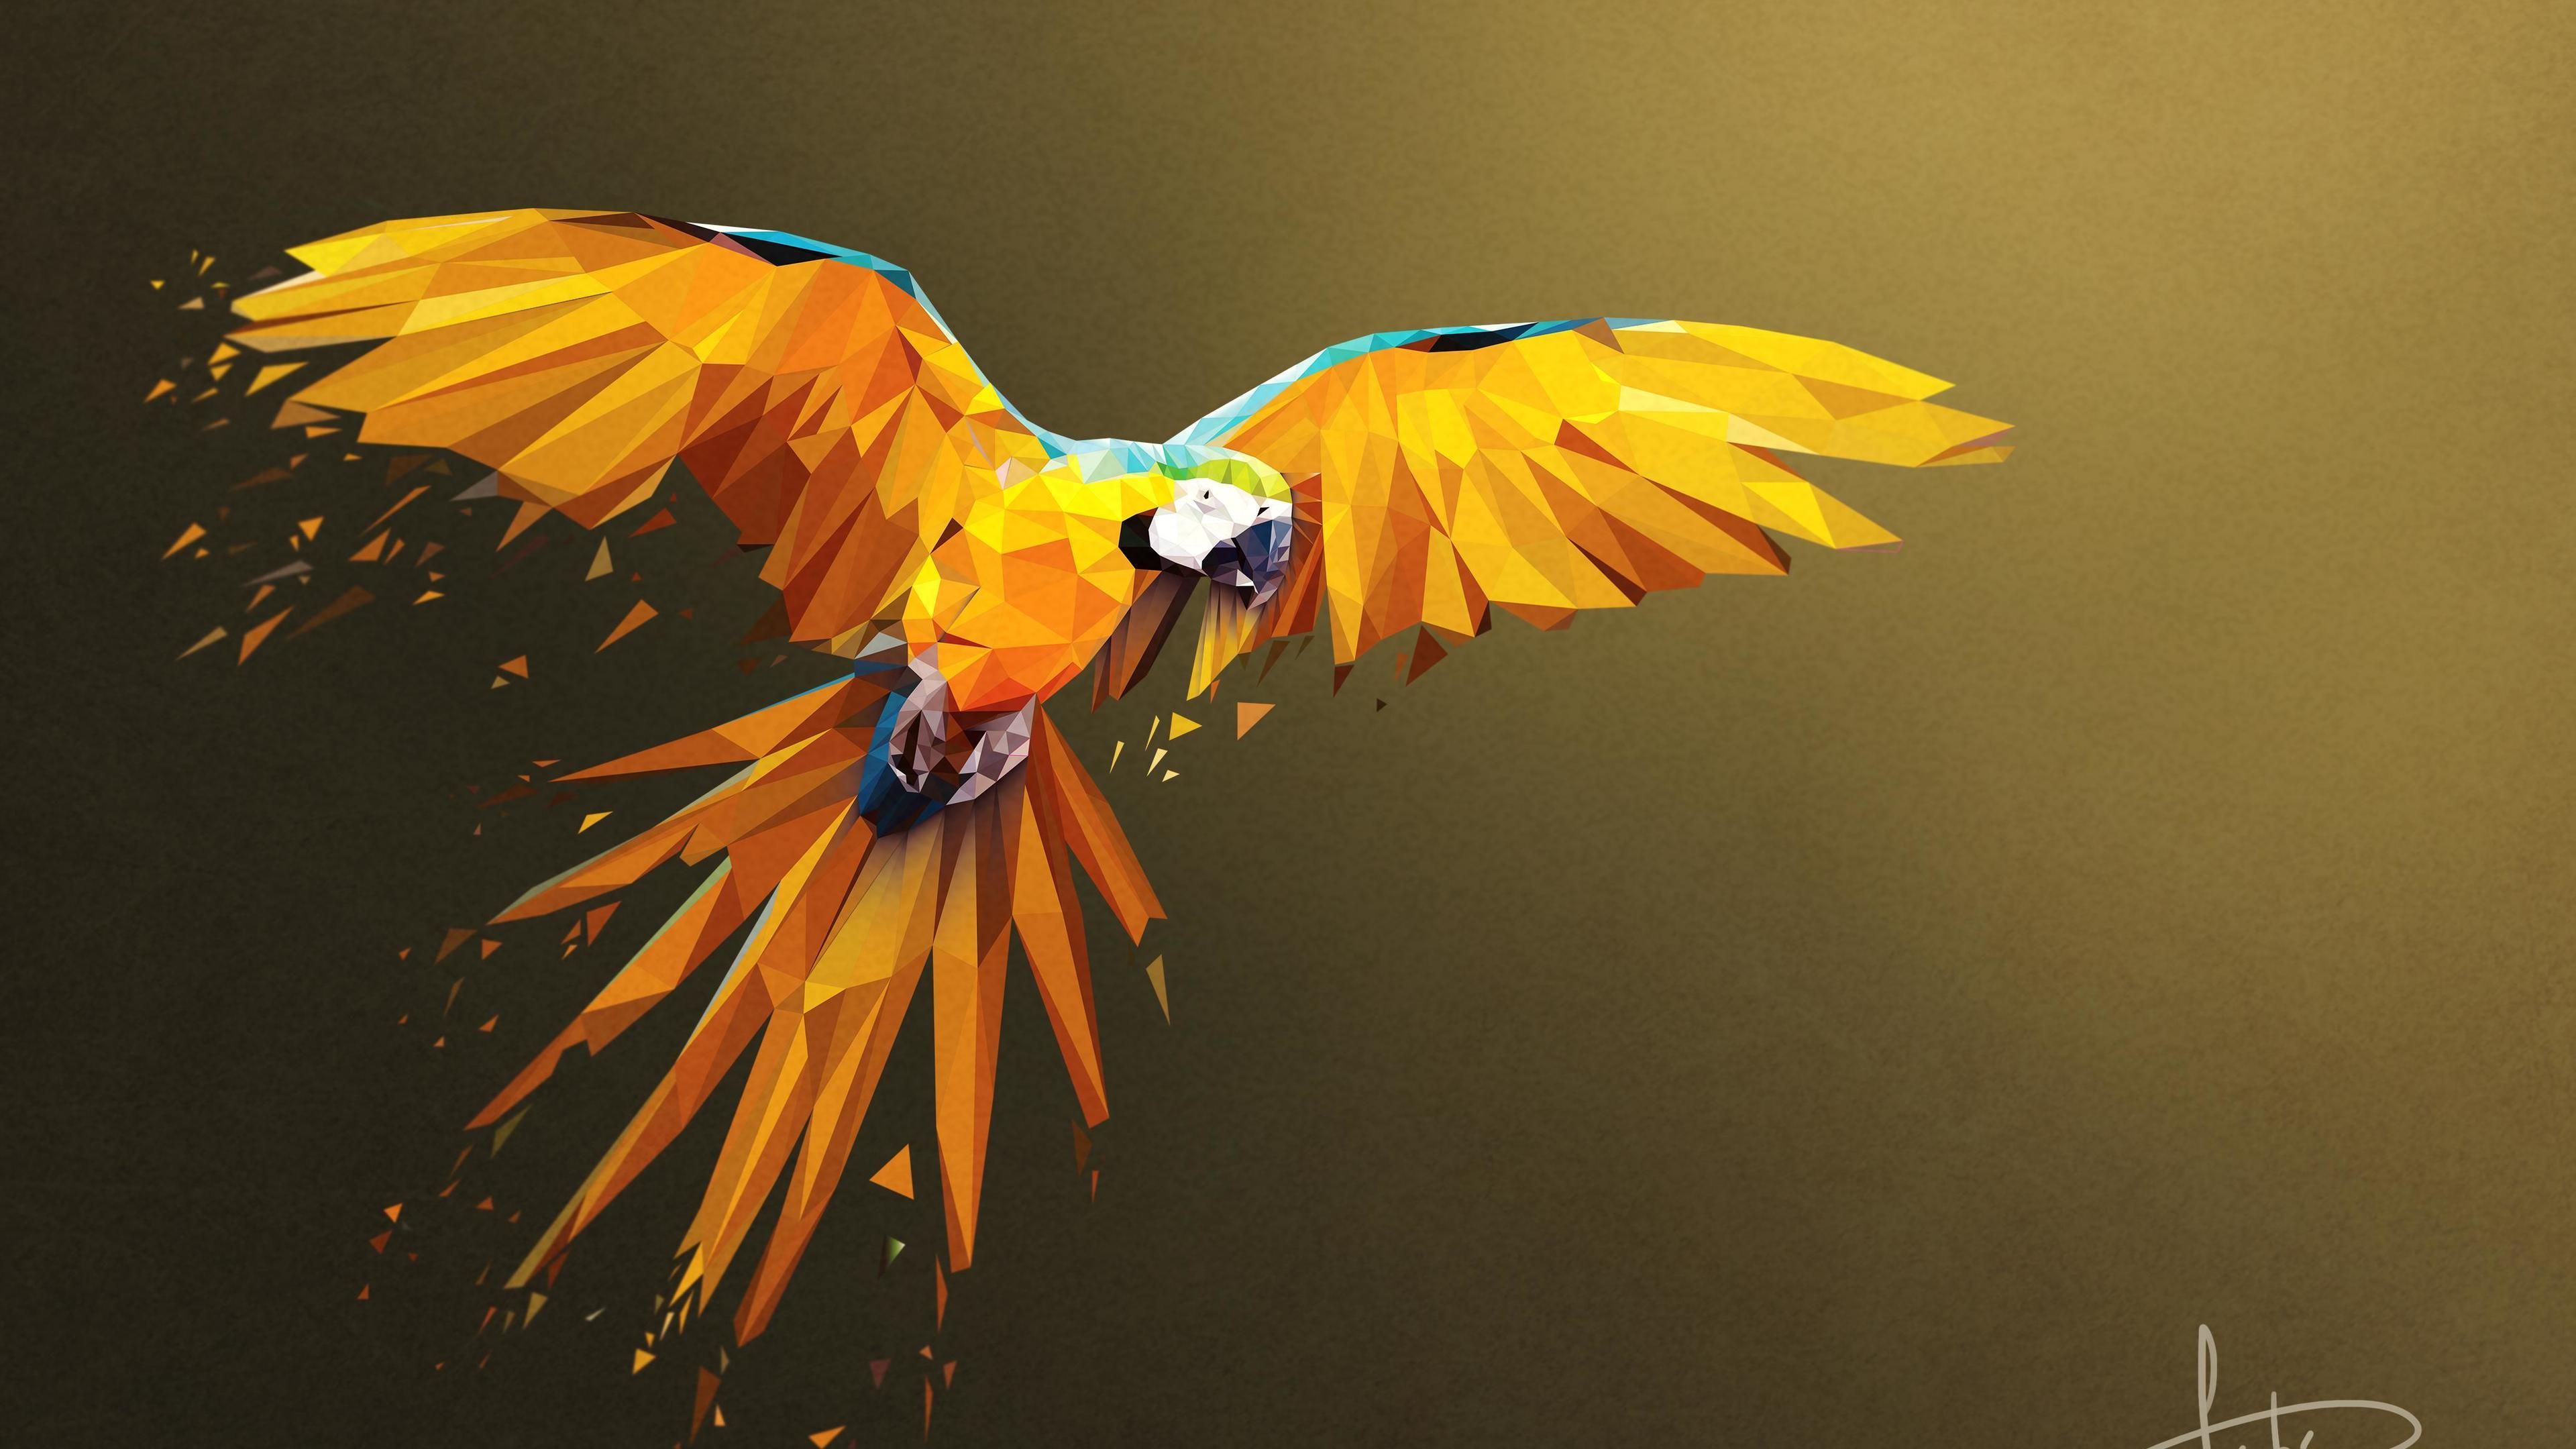 macaw low poly digital art 4k 1541970330 - Macaw Low Poly Digital Art 4k - parrot wallpapers, macaw wallpapers, hd-wallpapers, digital art wallpapers, birds wallpapers, artwork wallpapers, artist wallpapers, 4k-wallpapers